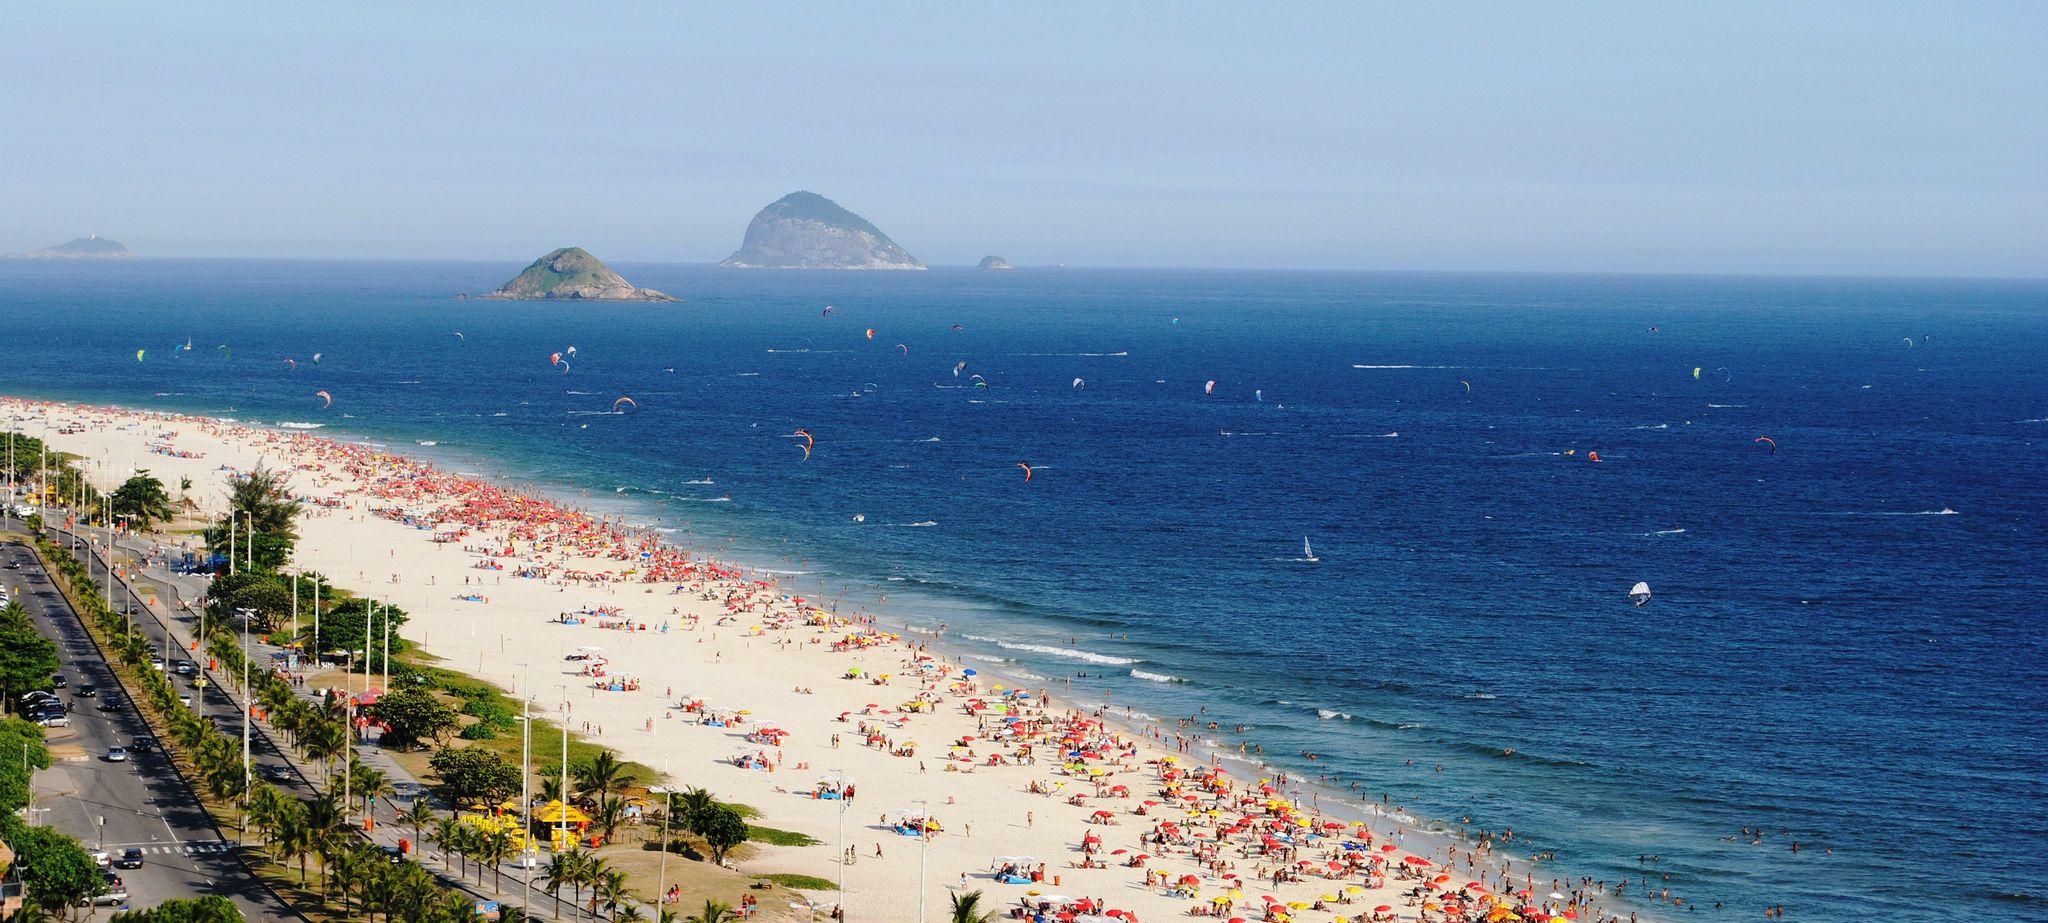 Пляж міста Ріо-де-Жанейро